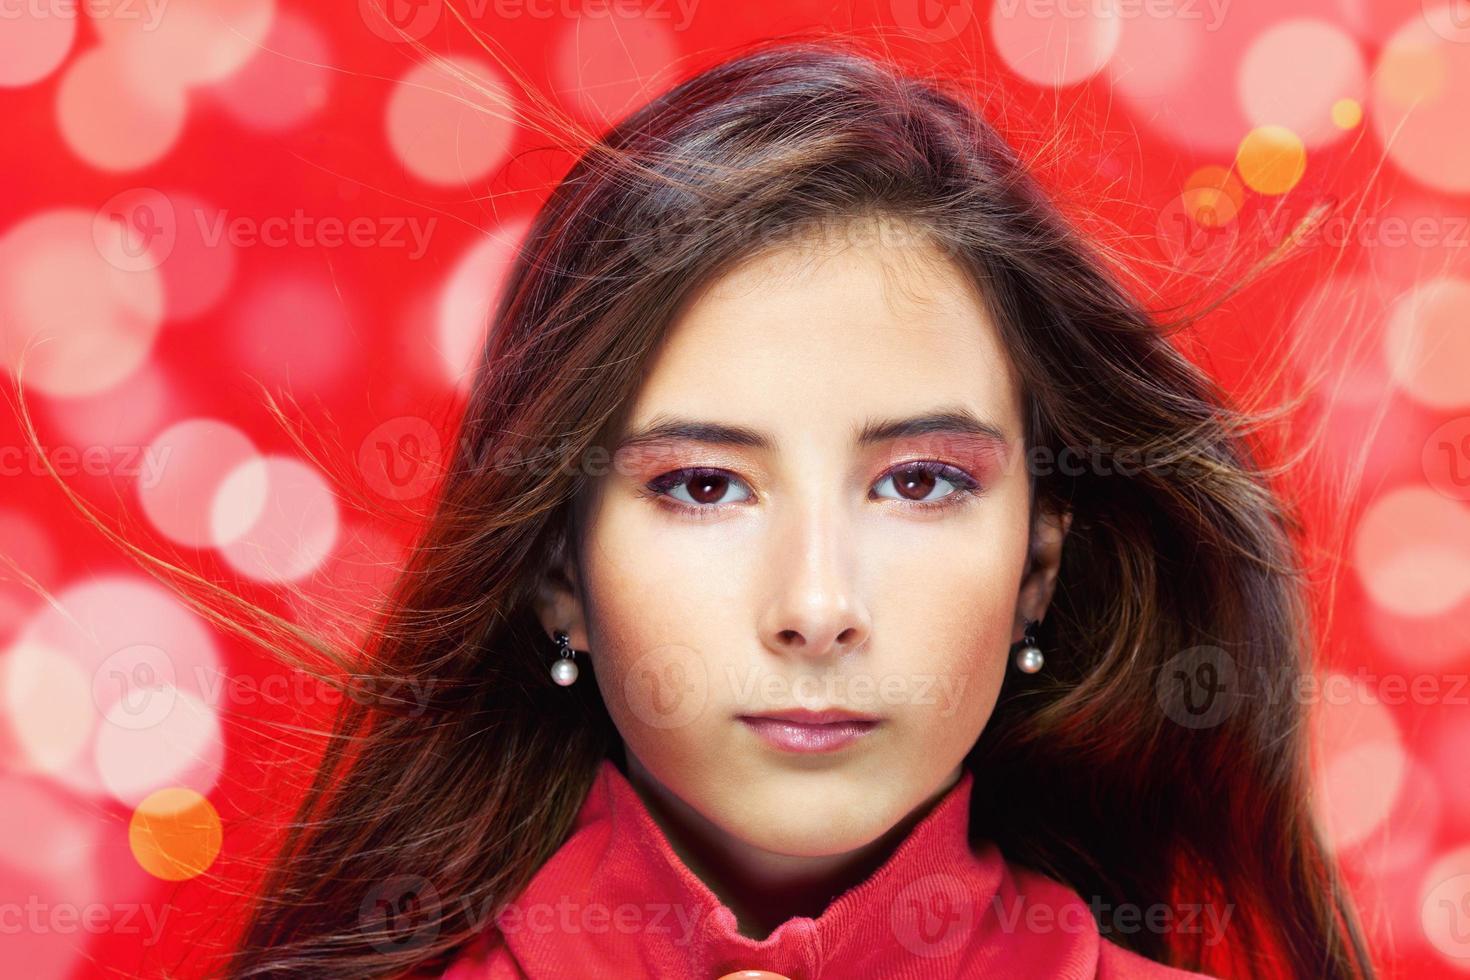 moda ritratto di bella ragazza lunghi capelli castani foto